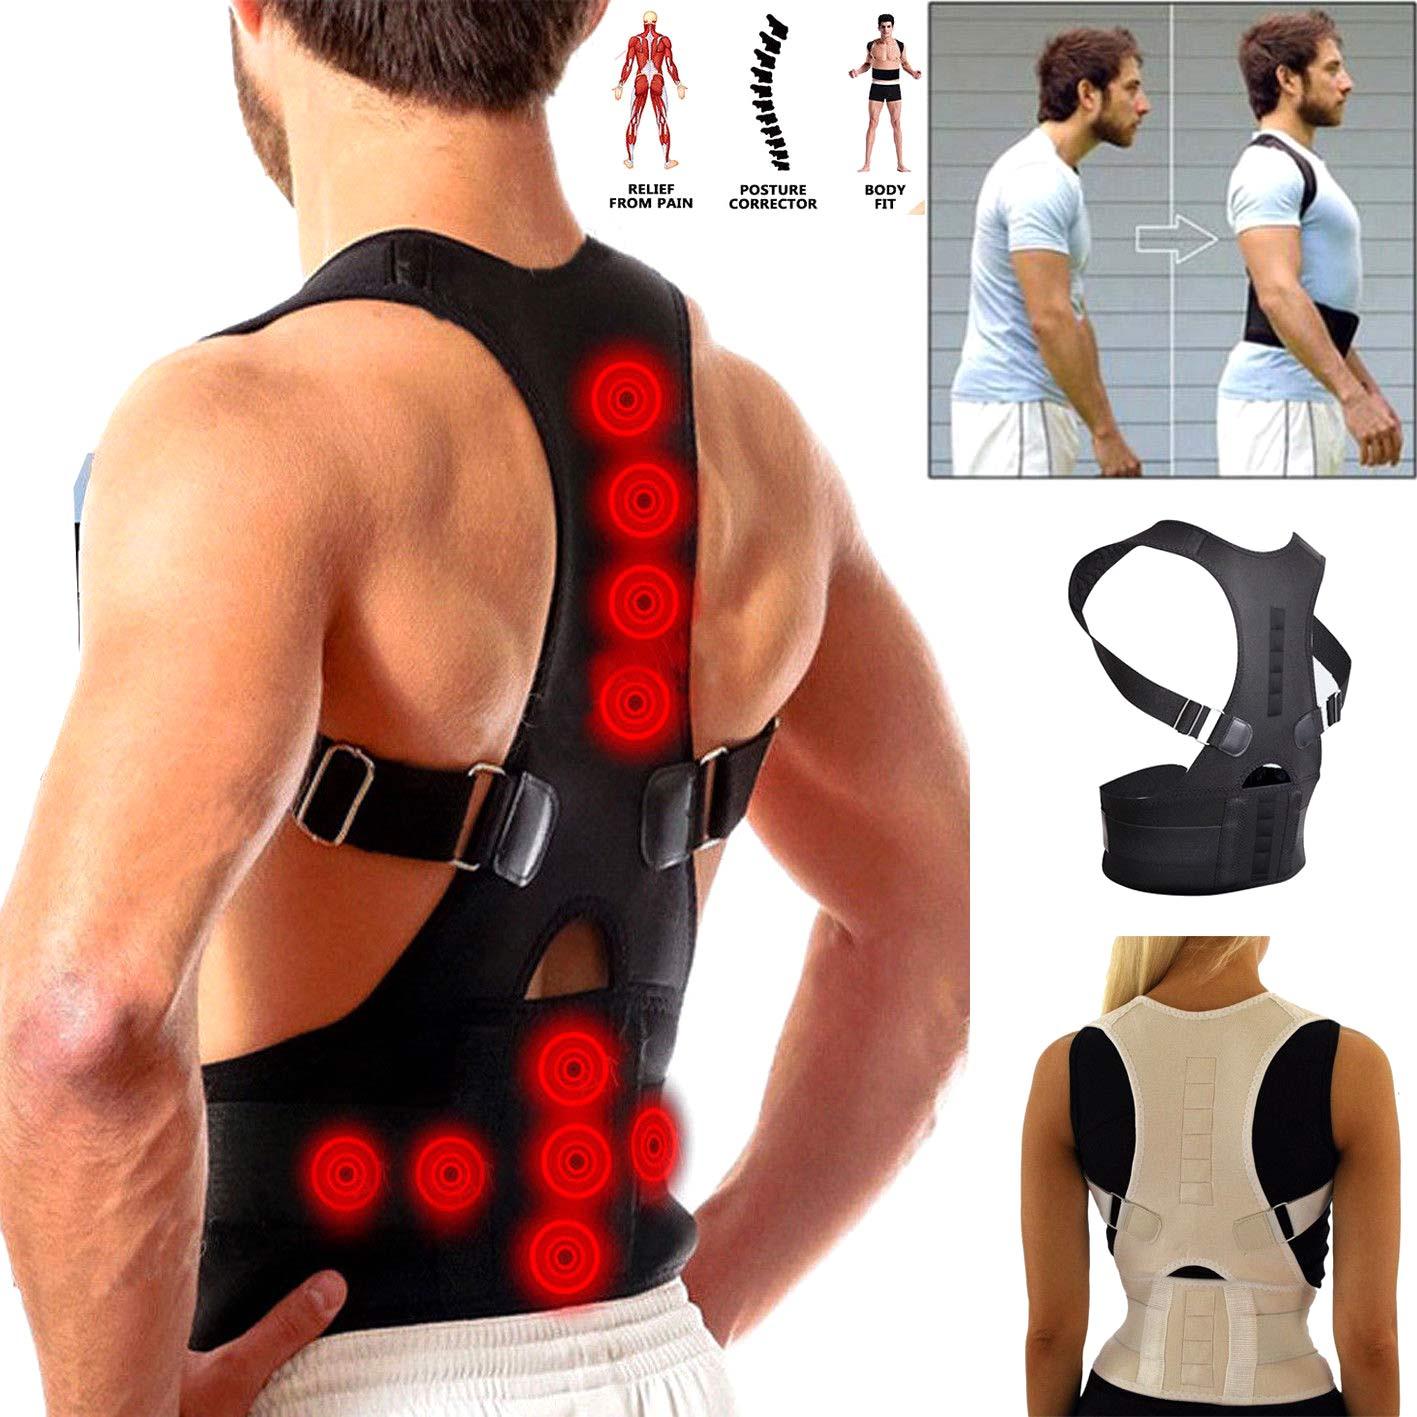 Erkek kadın ayarlanabilir manyetik duruş düzeltici korse geri Brace sırt kemer lomber destek düz düzeltici (ücretsiz hediye)